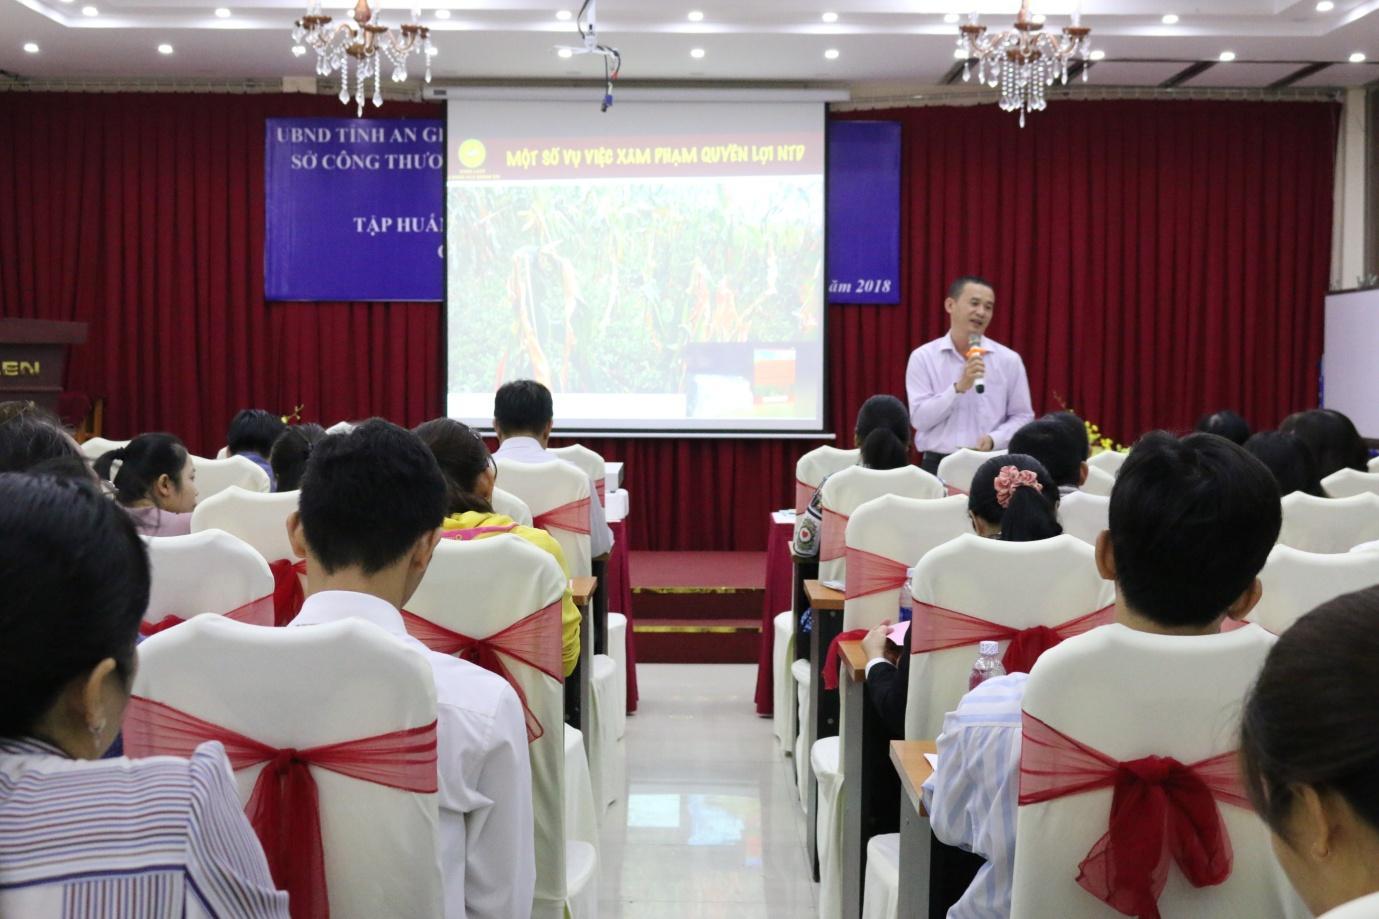 Tập đoàn Sao Mai tham gia Tập huấn triển khai các văn bản pháp luật về Bảo vệ quyền lợi người tiêu dùng